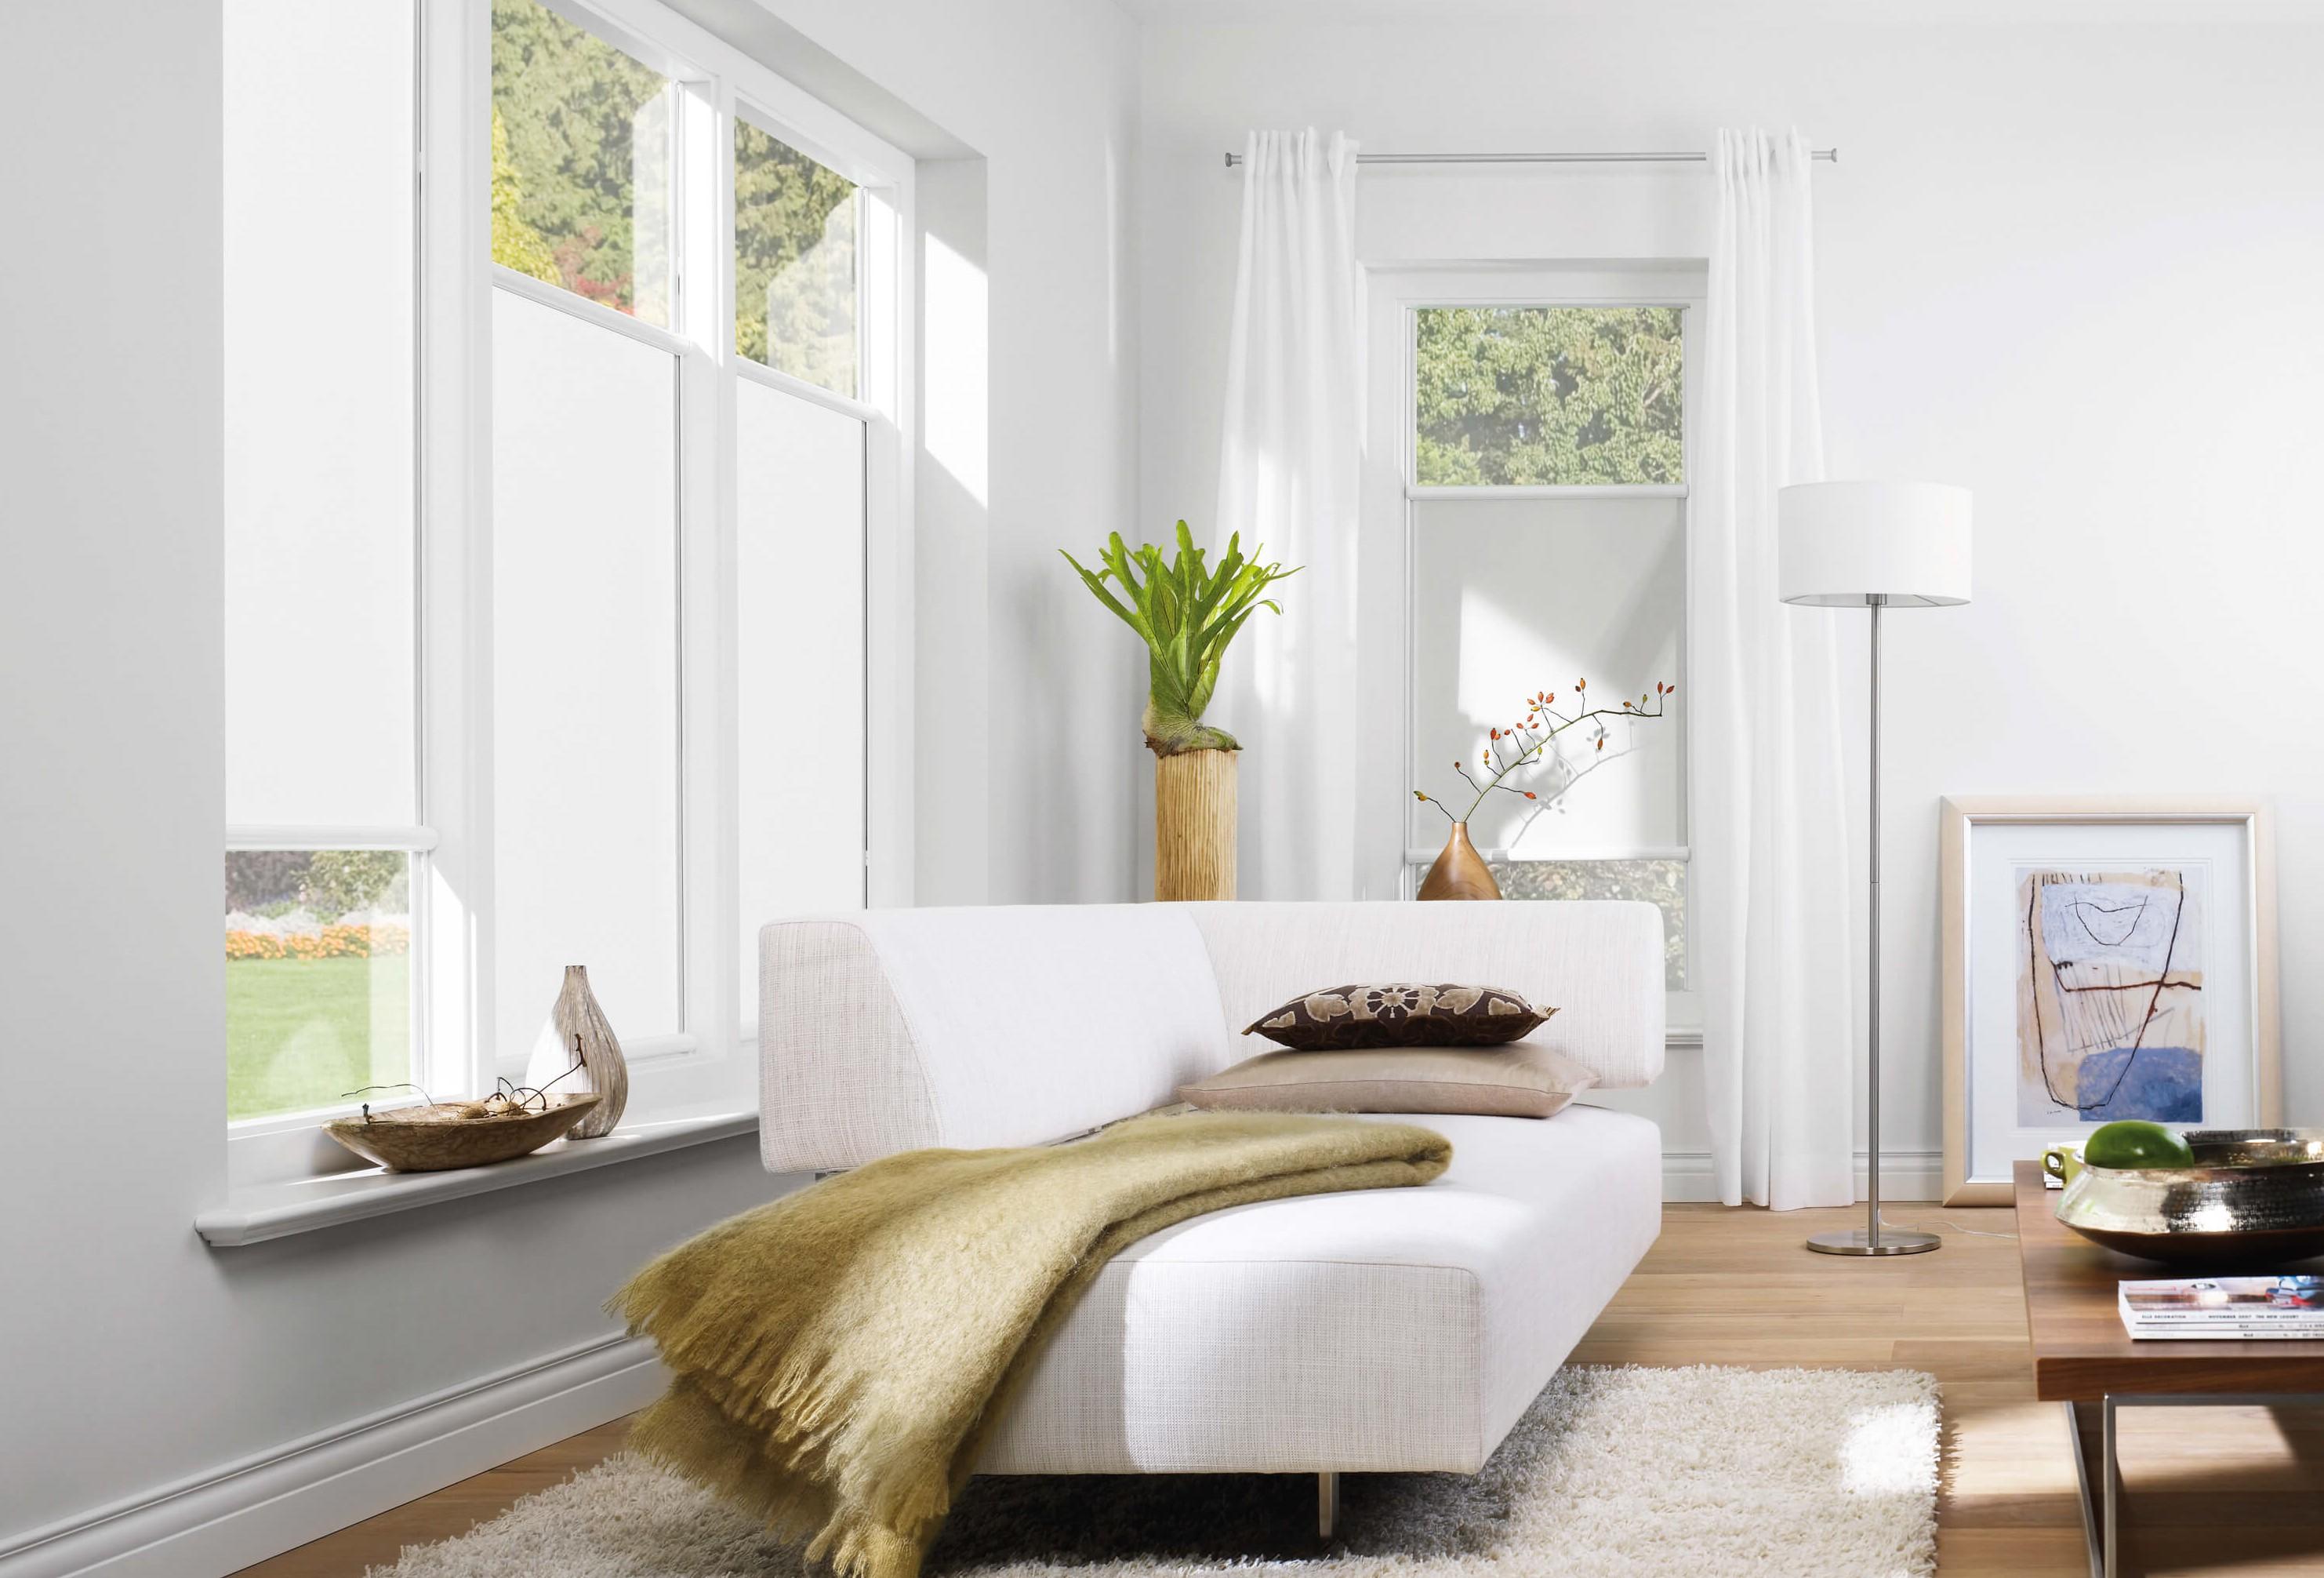 Imap casa tende da sole tapparelle e avvolgibili a for Tipi di tende da interno